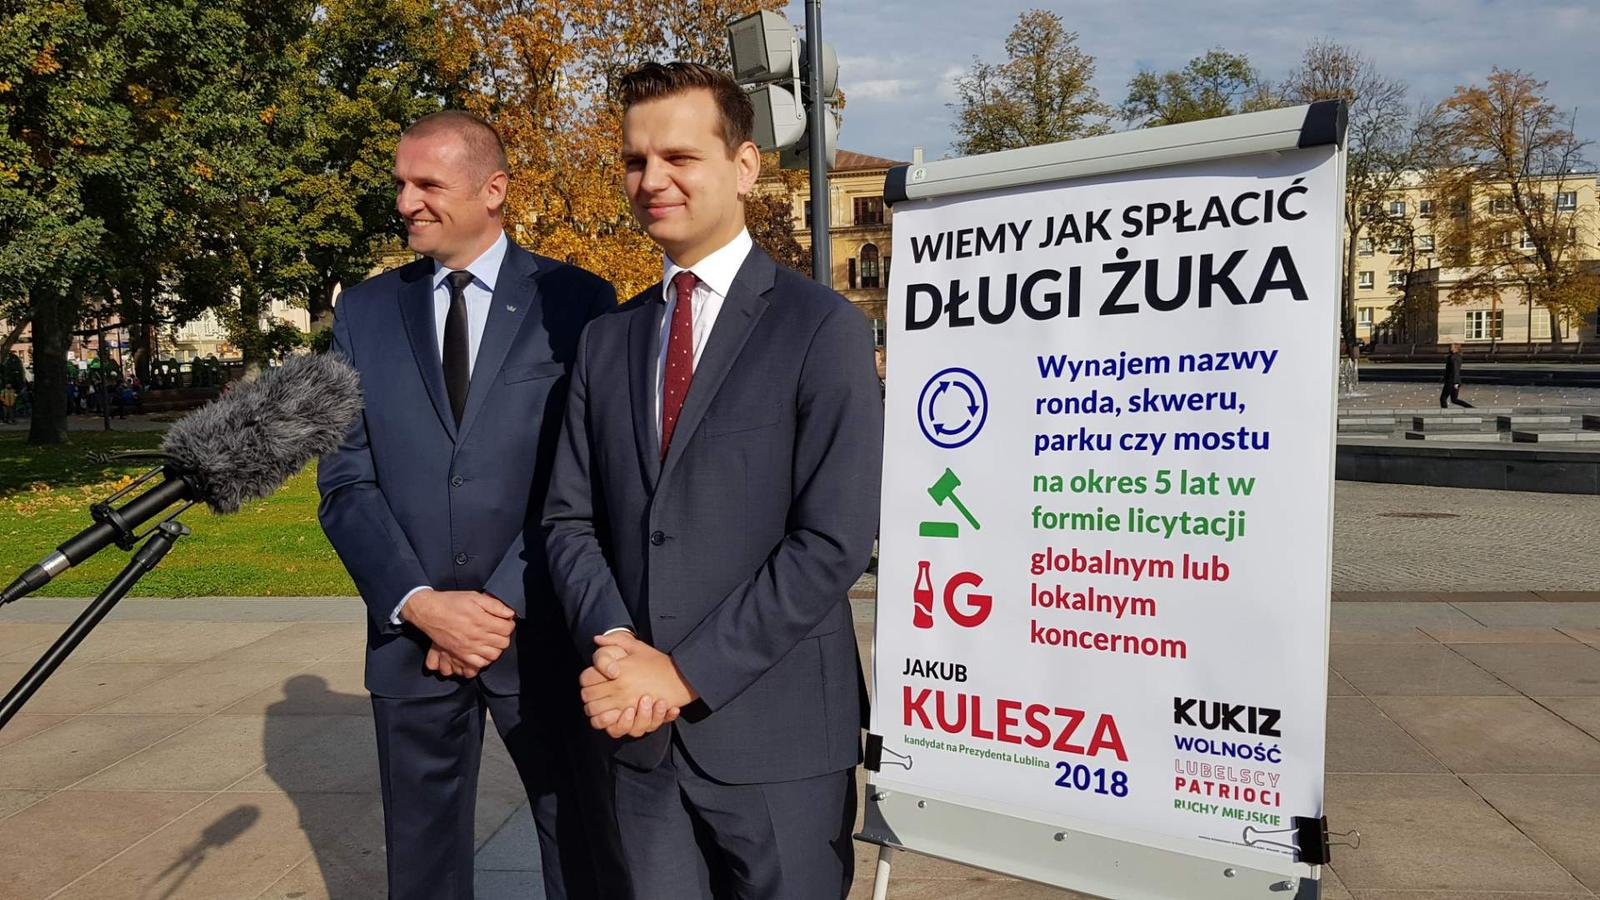 Spłata zadłużenia Lublina dzięki komercyjnemu wykorzystaniu przestrzeni miejskiej